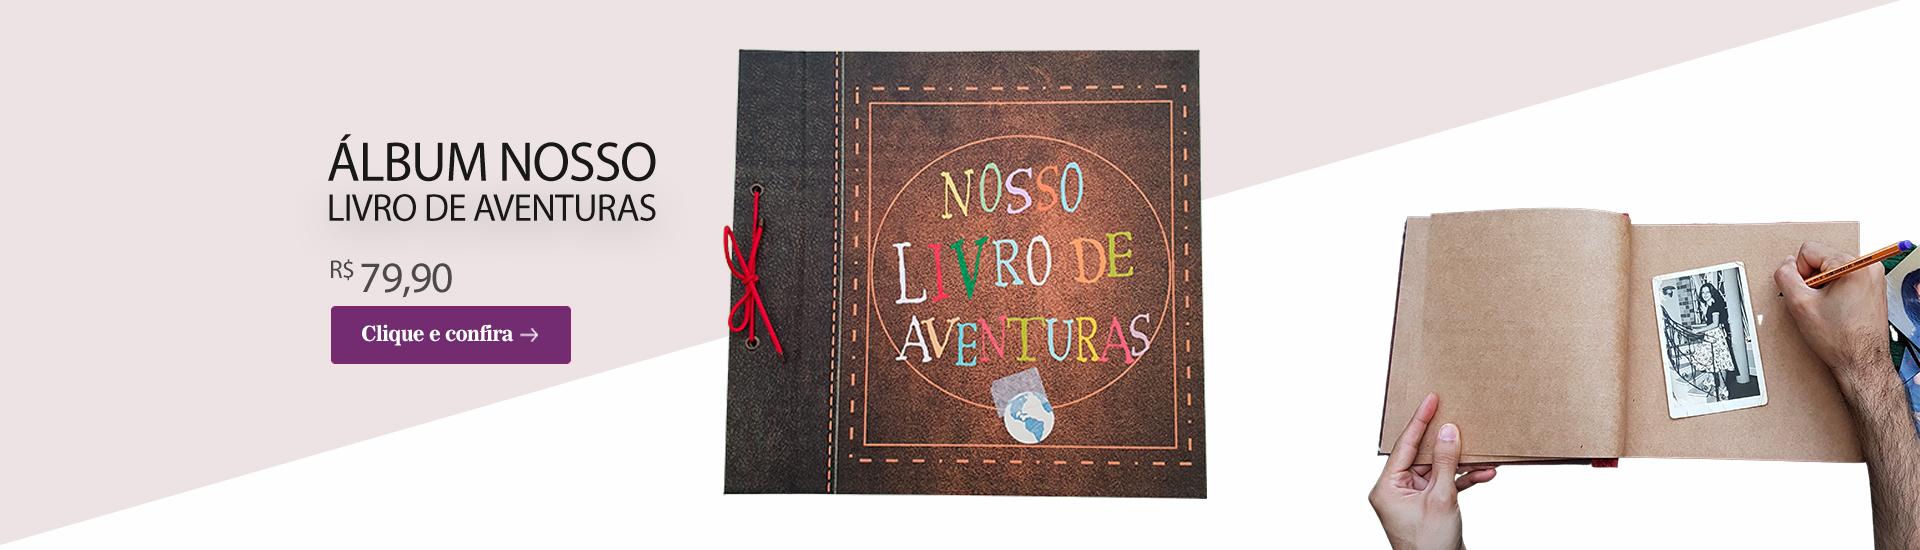 Nosso livro de aventuras